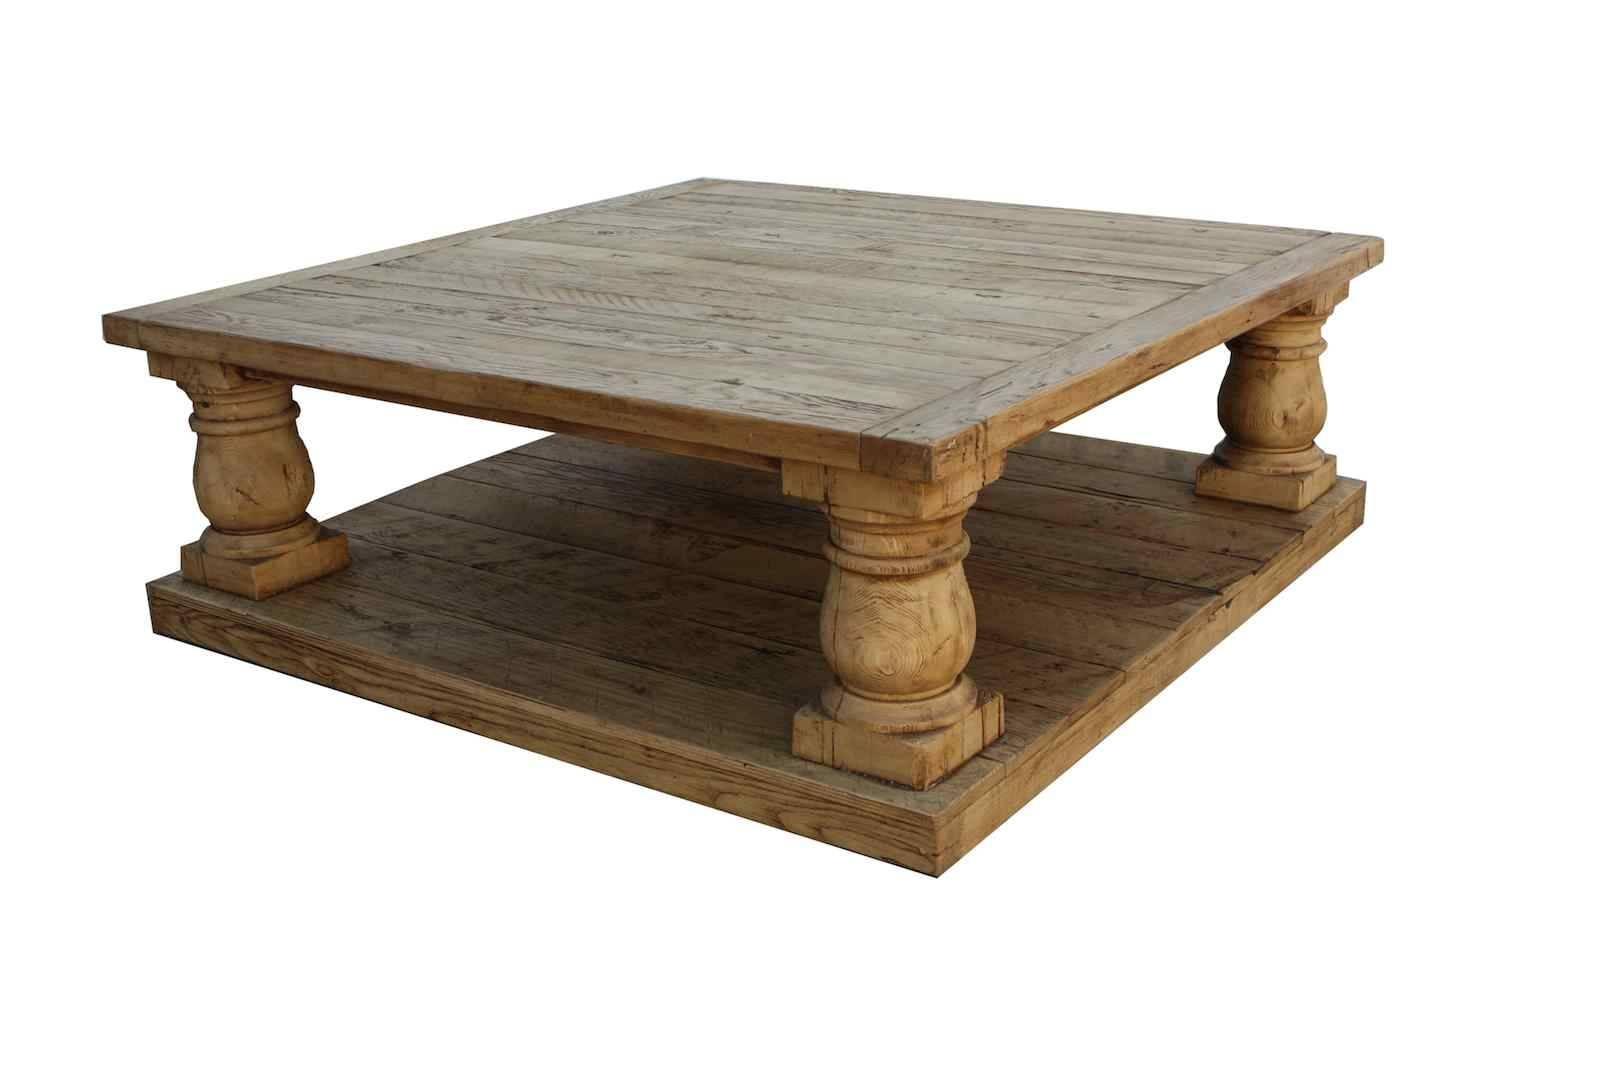 Wood Rustic Coffee Table – Rustic Wood Metal Coffee Table, Light throughout Rustic Wood Diy Coffee Tables (Image 30 of 30)